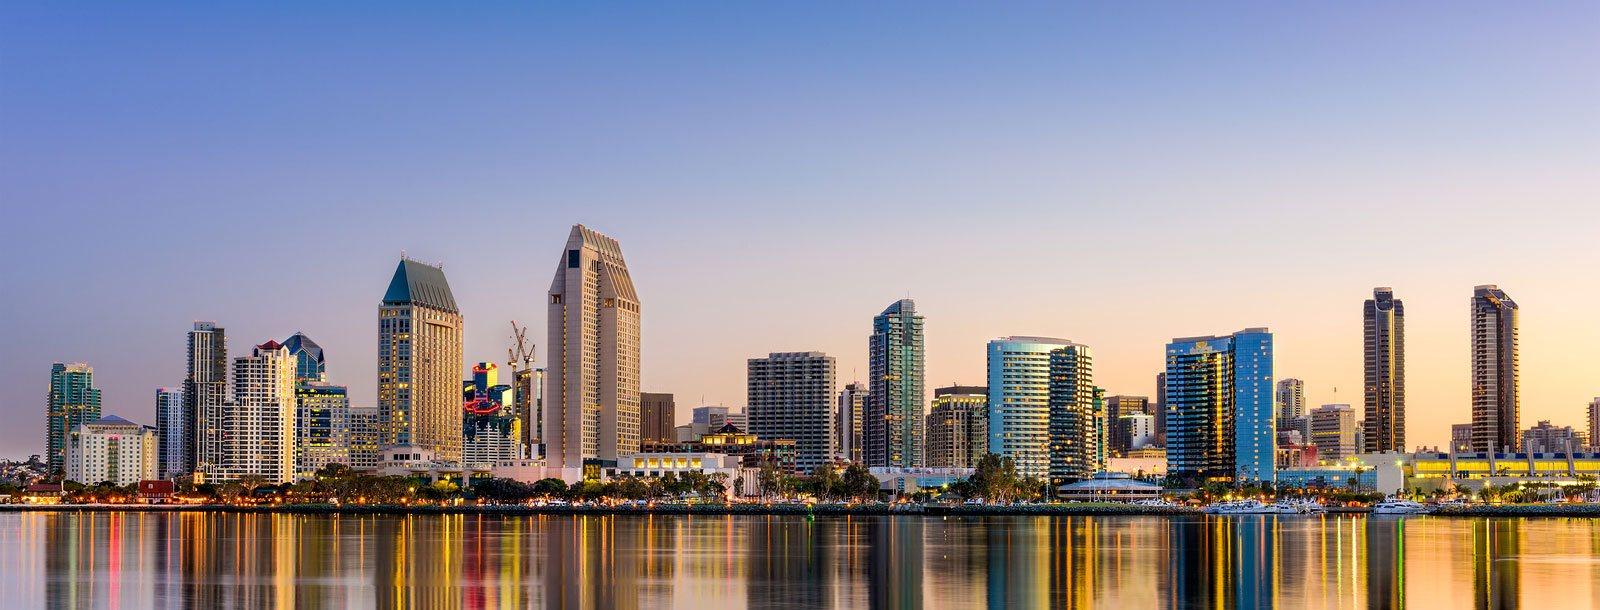 San Diego Skyline - Cohen Healthcare Law Group